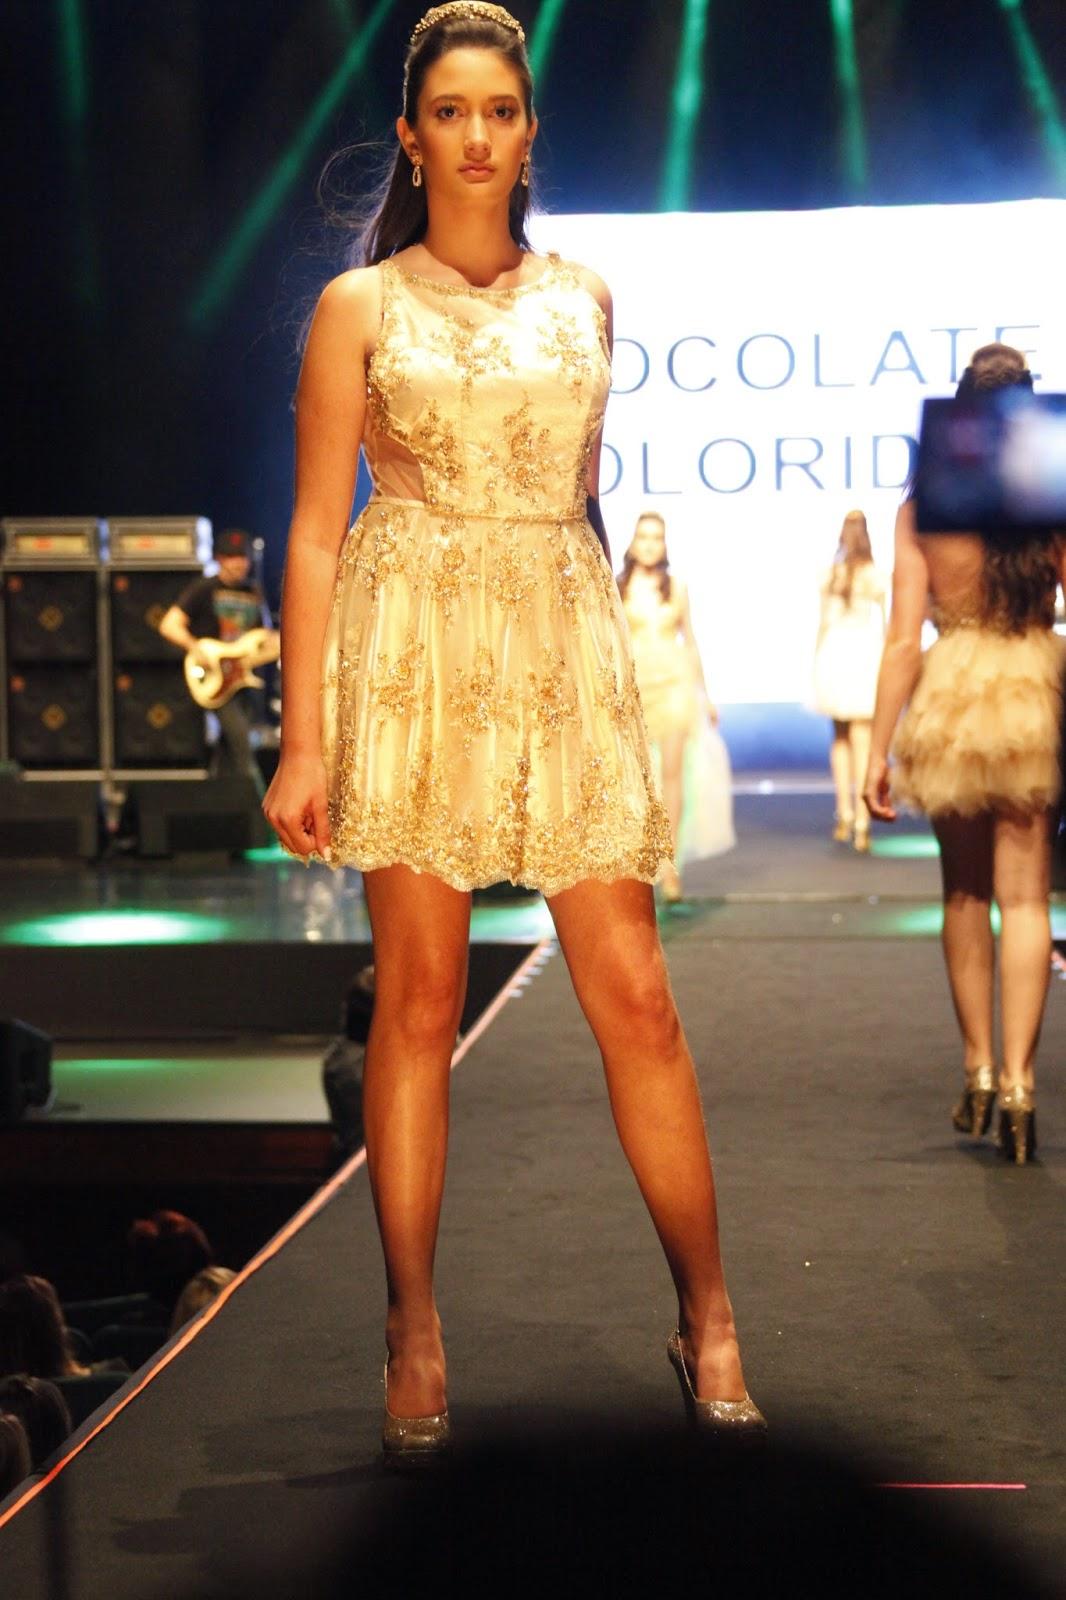 15 anos bh, Bordados, Choc Color, coleção festa, Editorial, Festa bh, formatura bh, glamour, Luxo, Valsa, vestido bh, vestido debutantes bh, vestido maravilhoso bh, vestidos 15 anos bh, Proação fashion day,